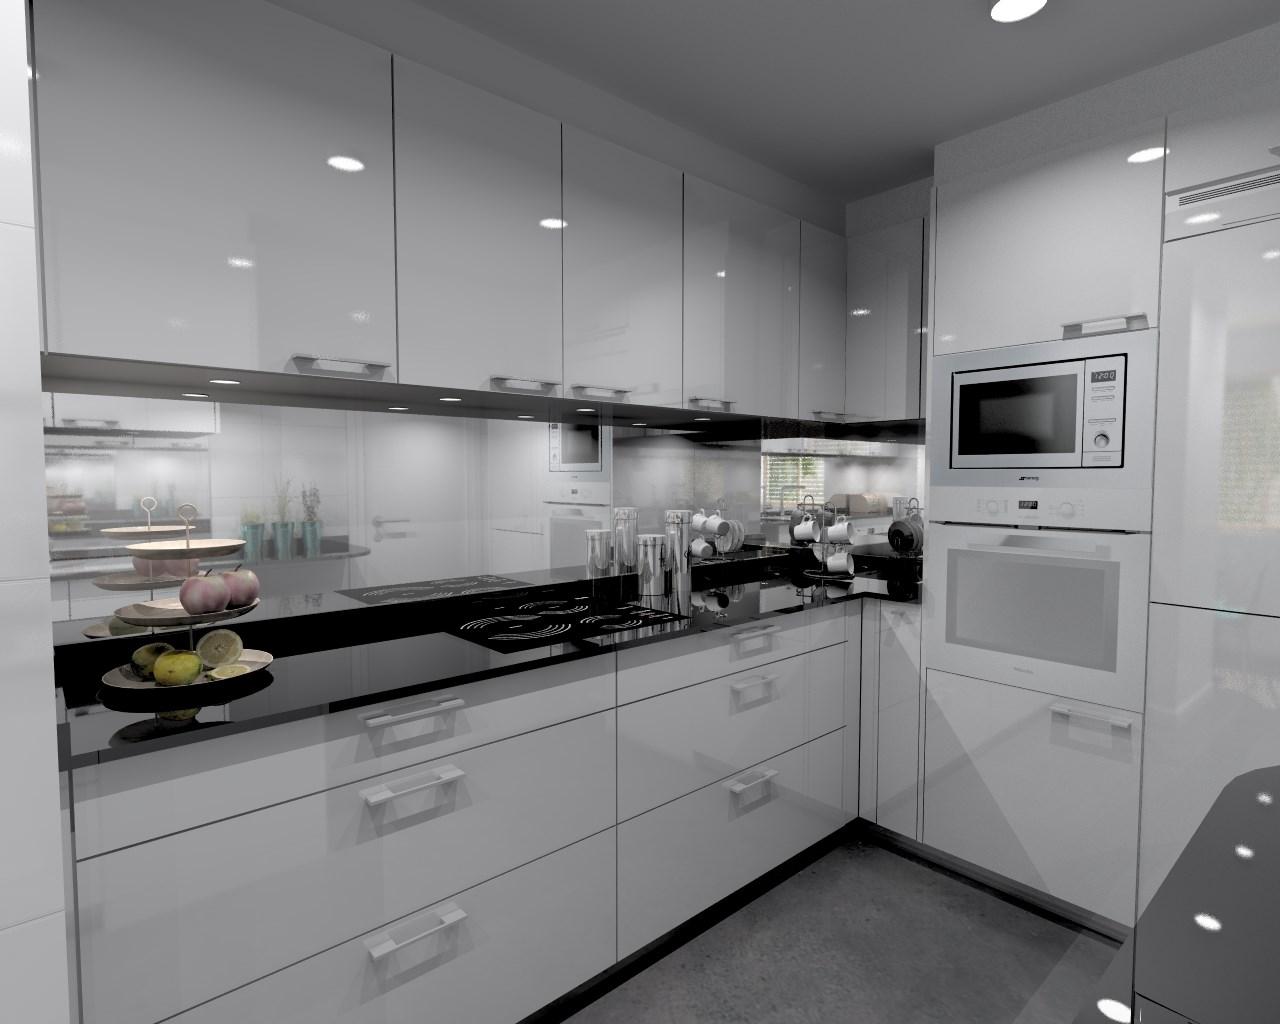 Aravaca cocina santos modelo plano laminado blanco for Encimera cocina marmol o granito